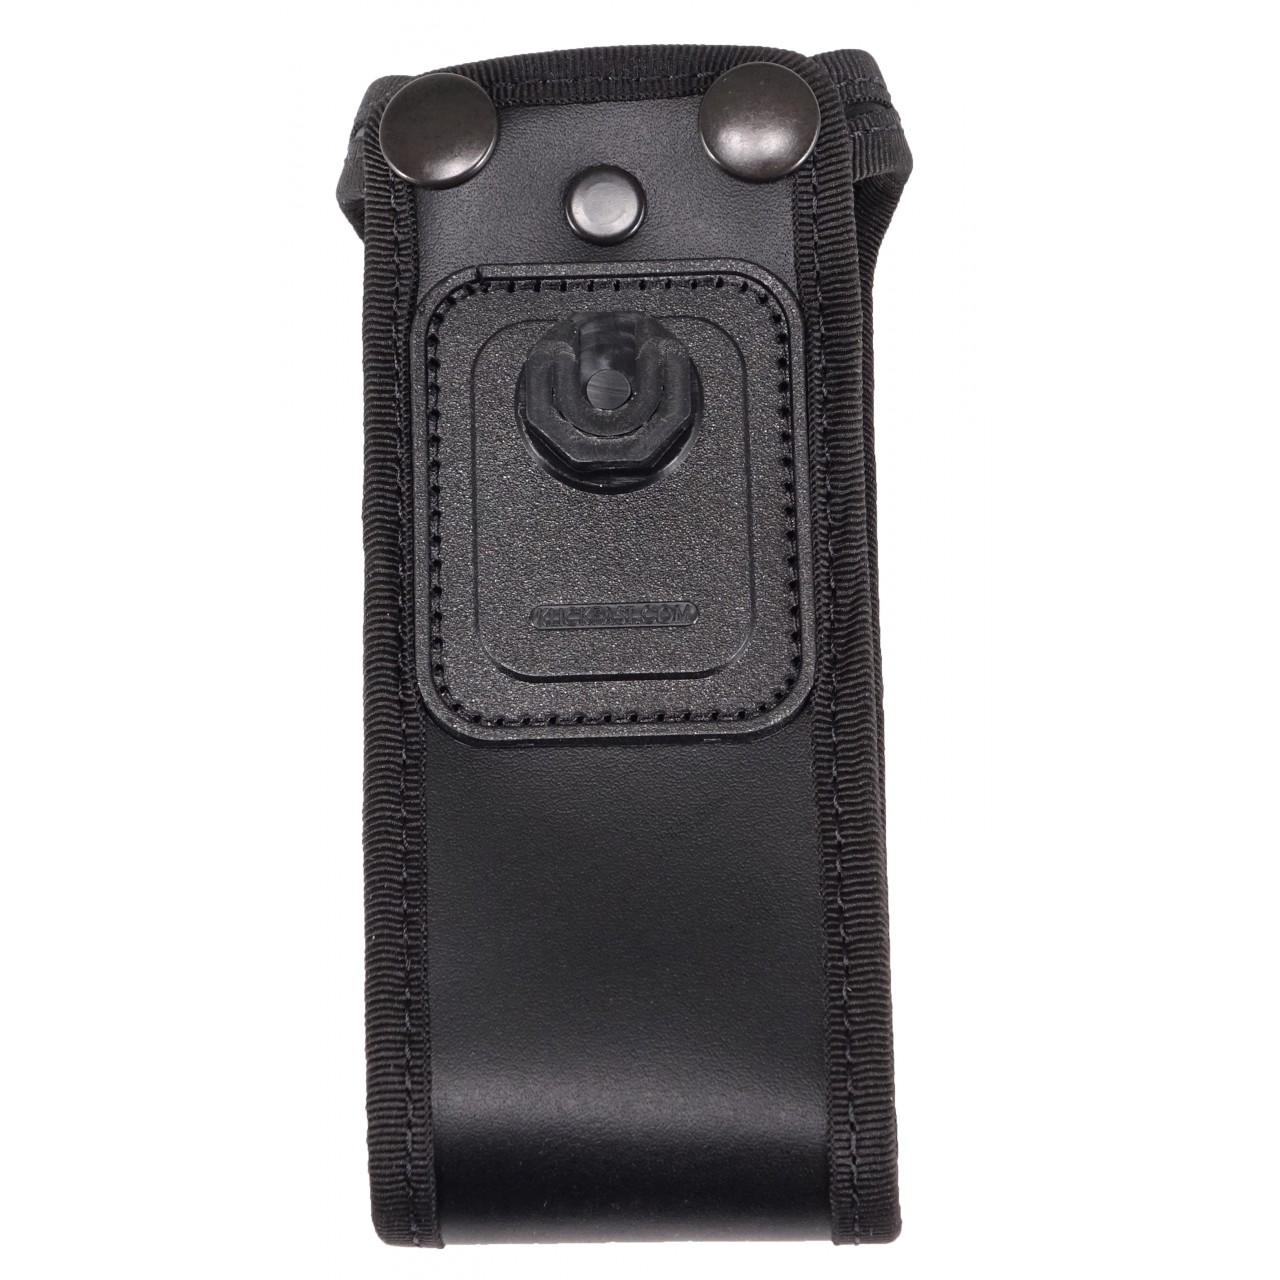 Housse en cuir pour portatif satellite, (nécessite un accessoire de portage). vue arrière sans portatif.